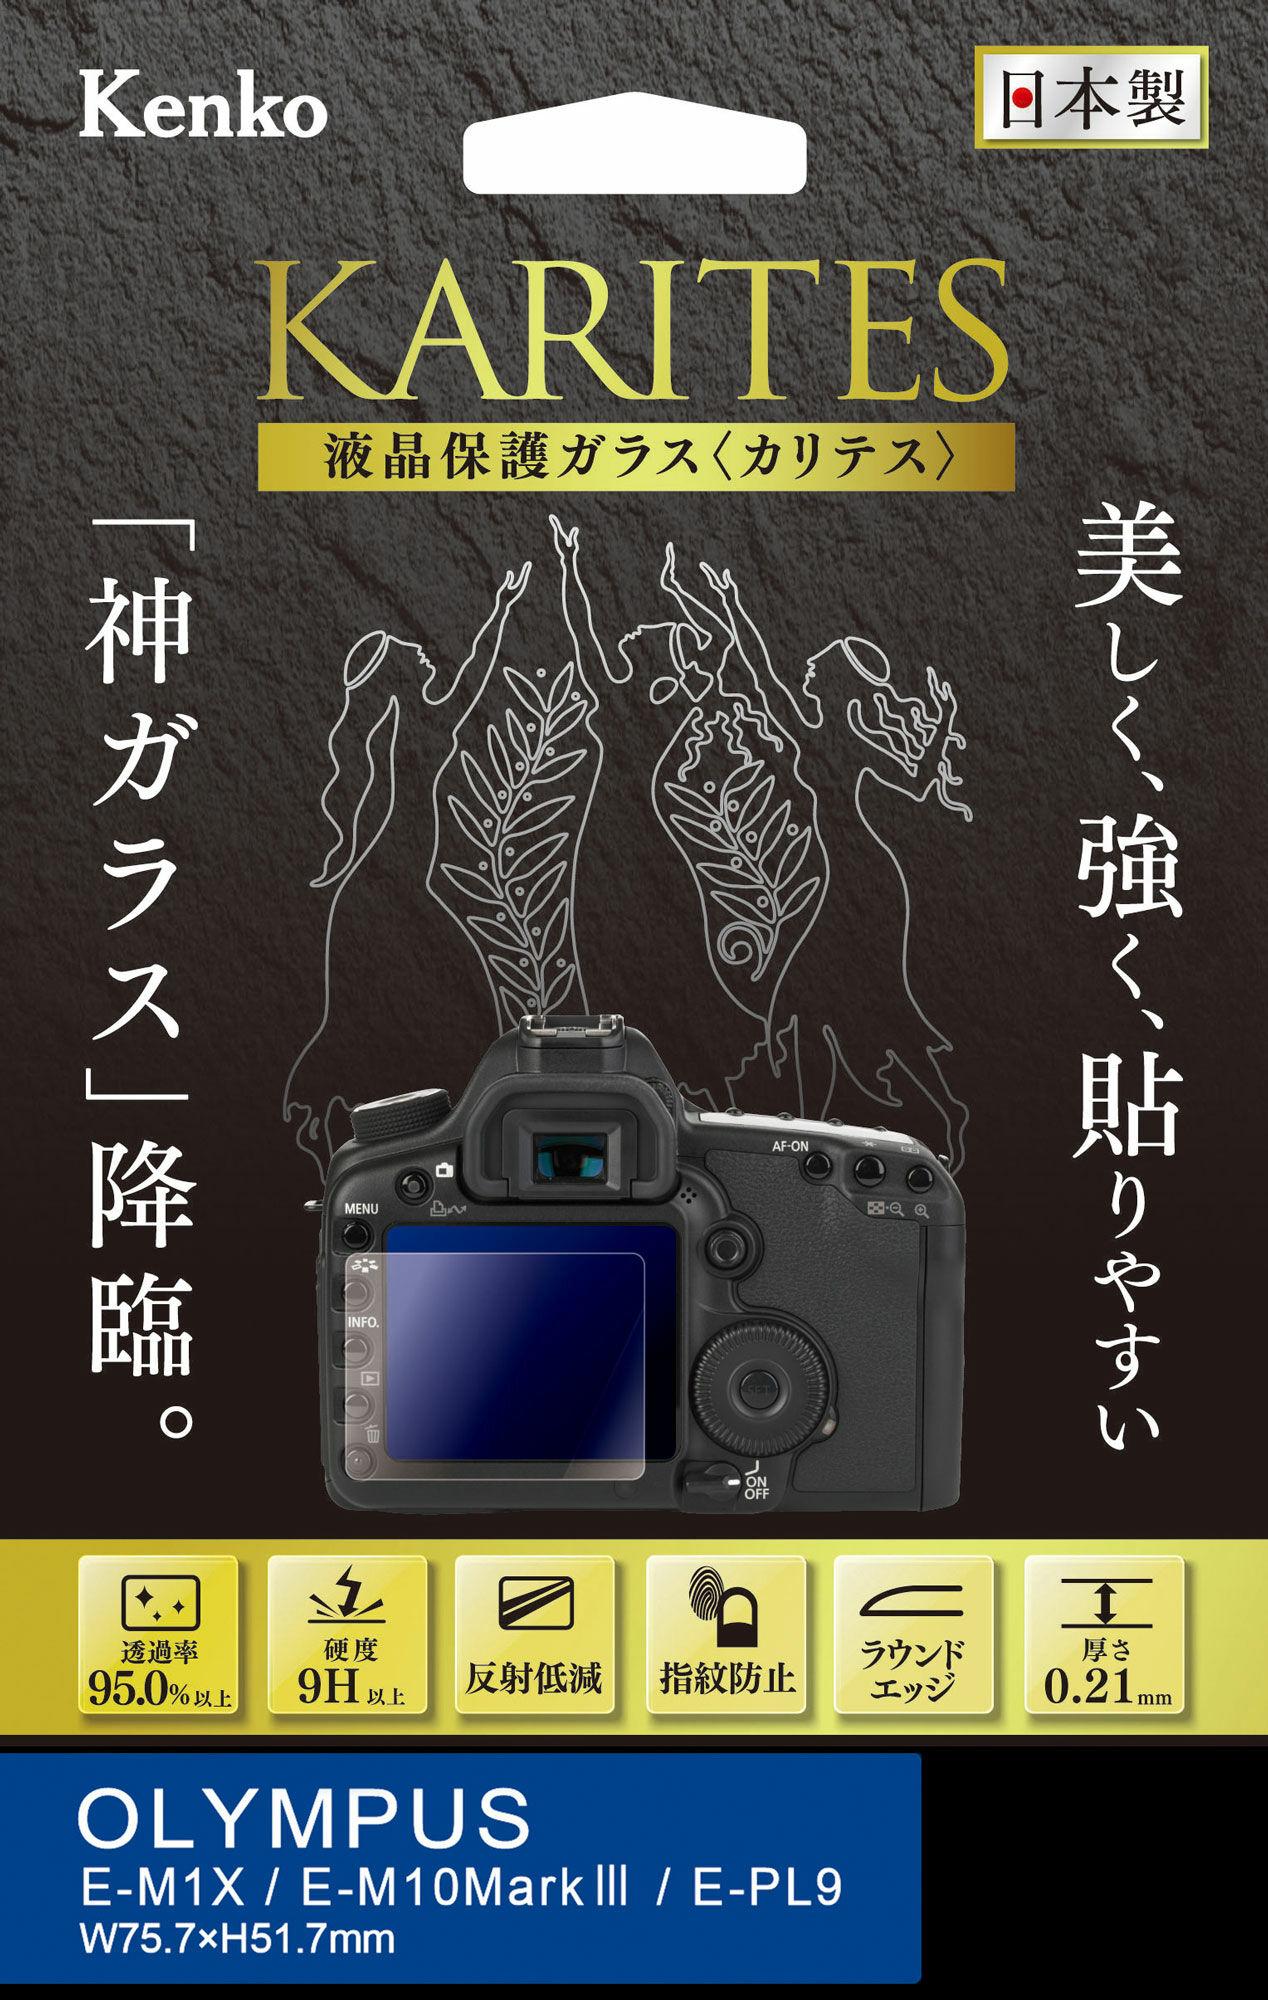 https://www.kenko-tokina.co.jp/imaging/eq/mt-images/4961607072912.jpg